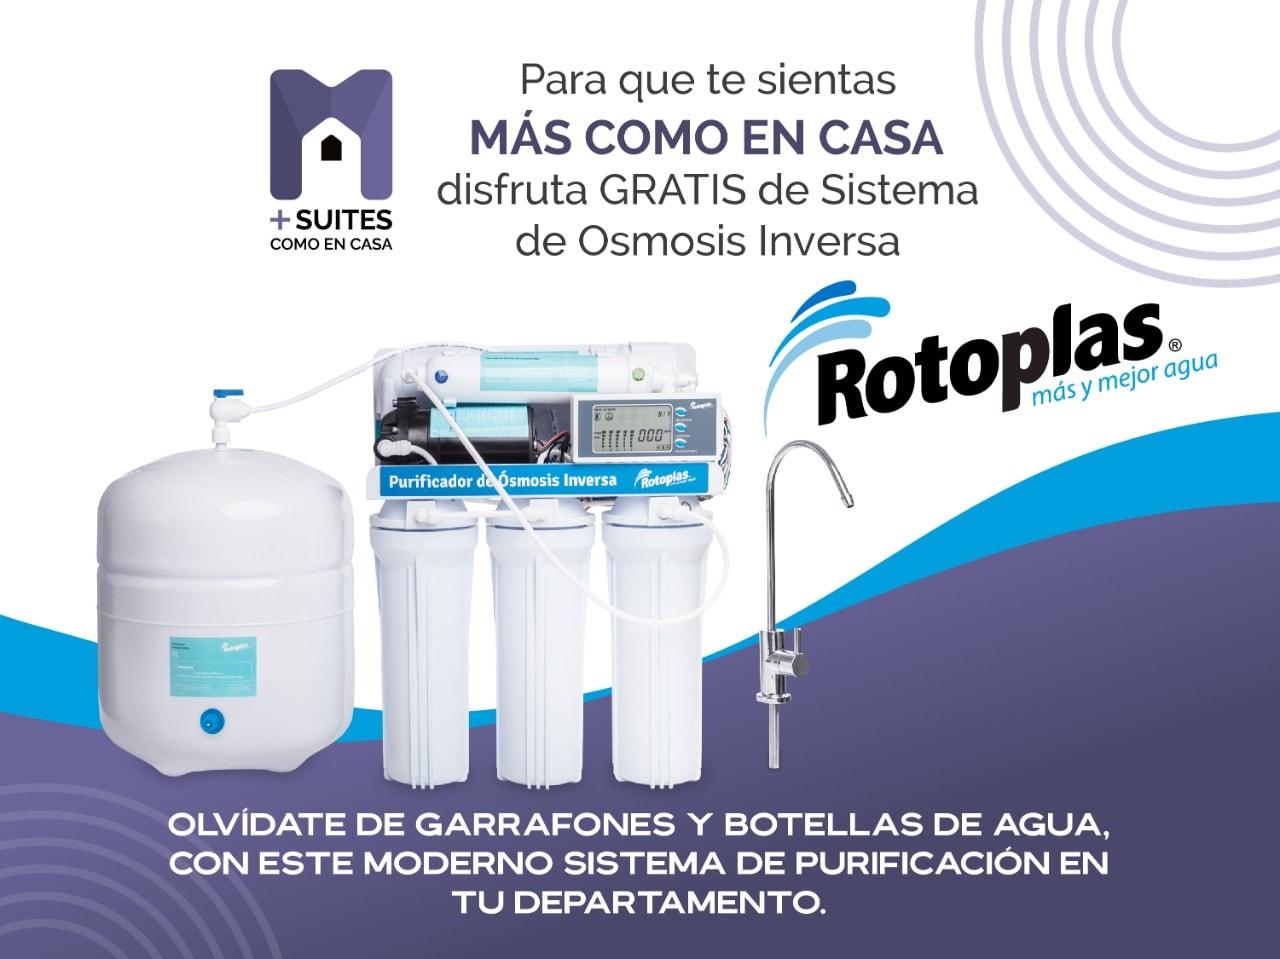 +MS +Excelente Suite +Alberca +Milenio